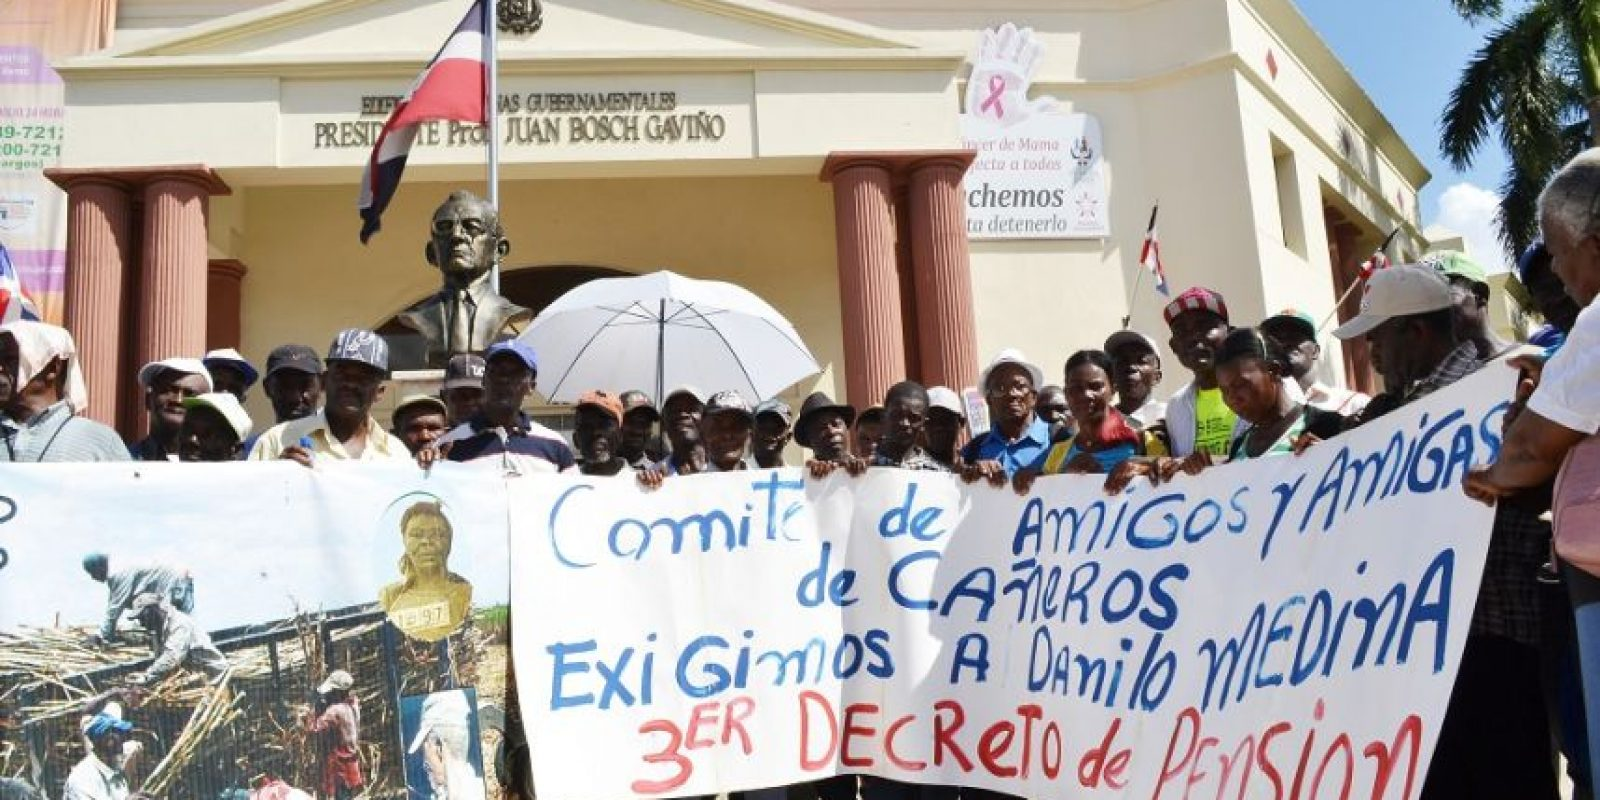 Piden un tercer decreto con pensiones para los trabajadores.